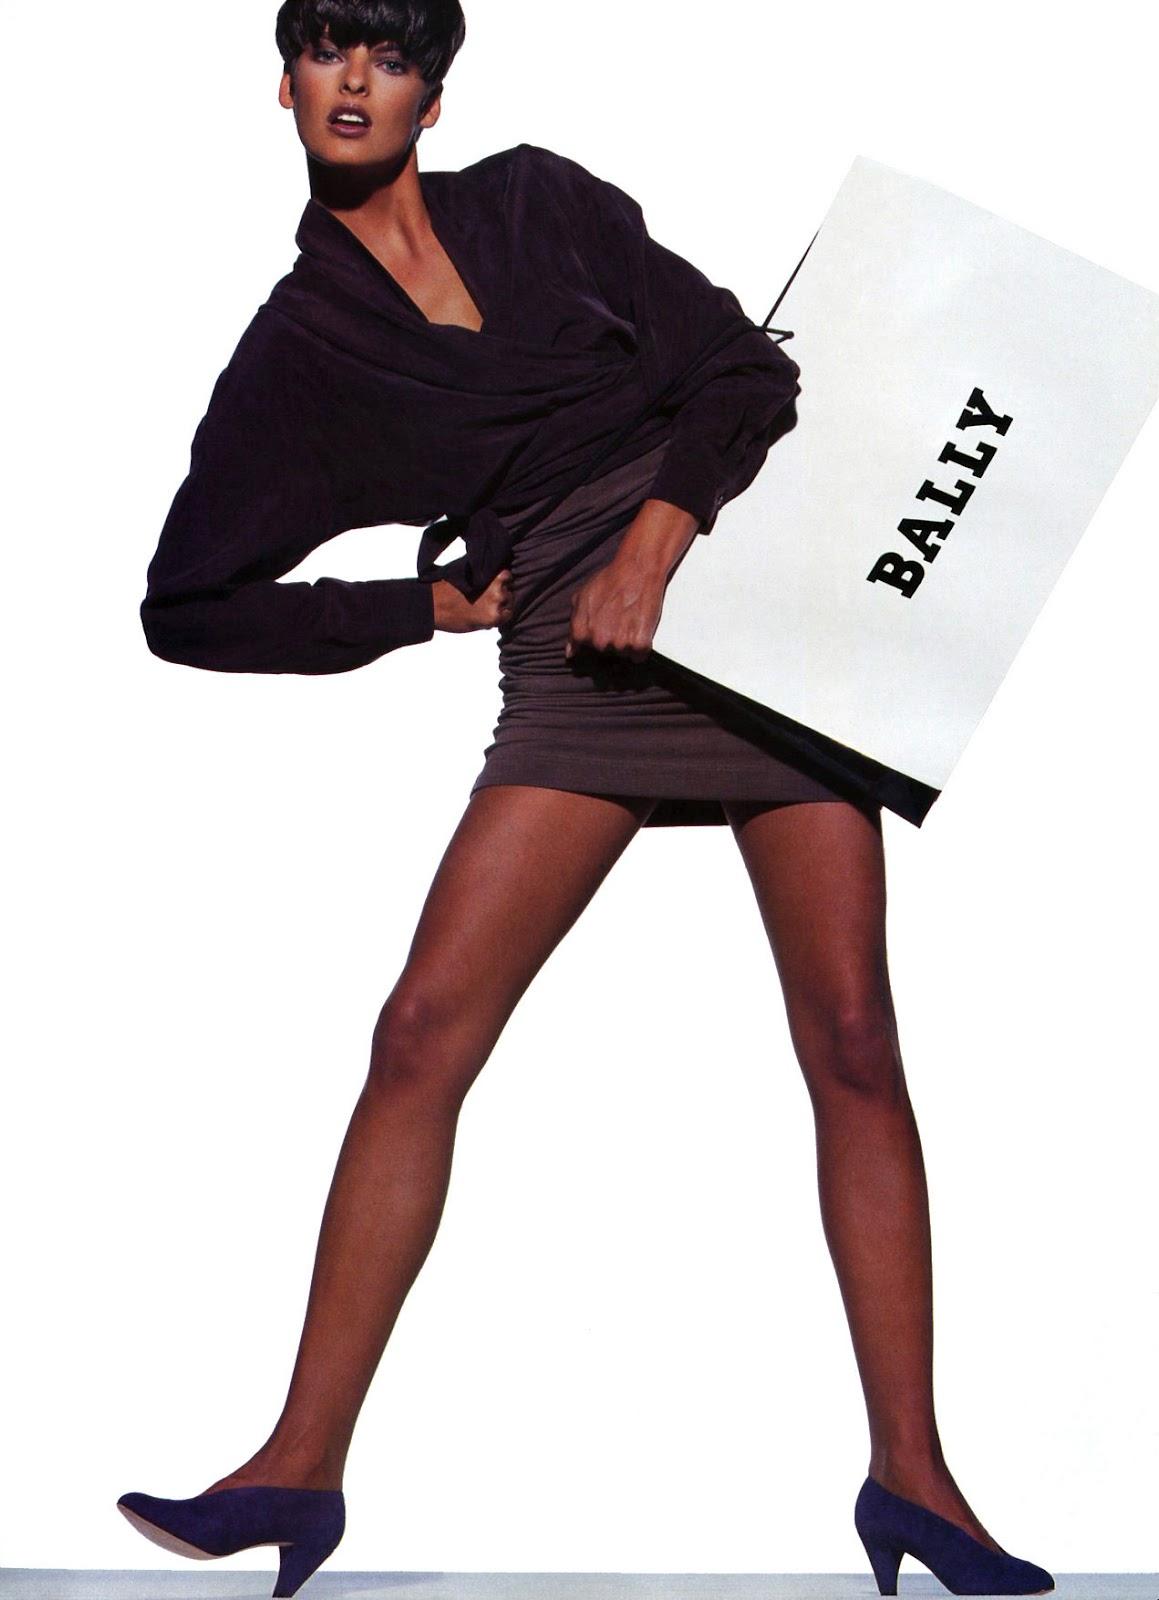 http://1.bp.blogspot.com/-pZ-Zq8t9hYk/T3LNytfAFGI/AAAAAAAAGbM/BstuO3yikj8/s1600/Linda+Evangelista+1989+Bally+Ph+Unk.jpg